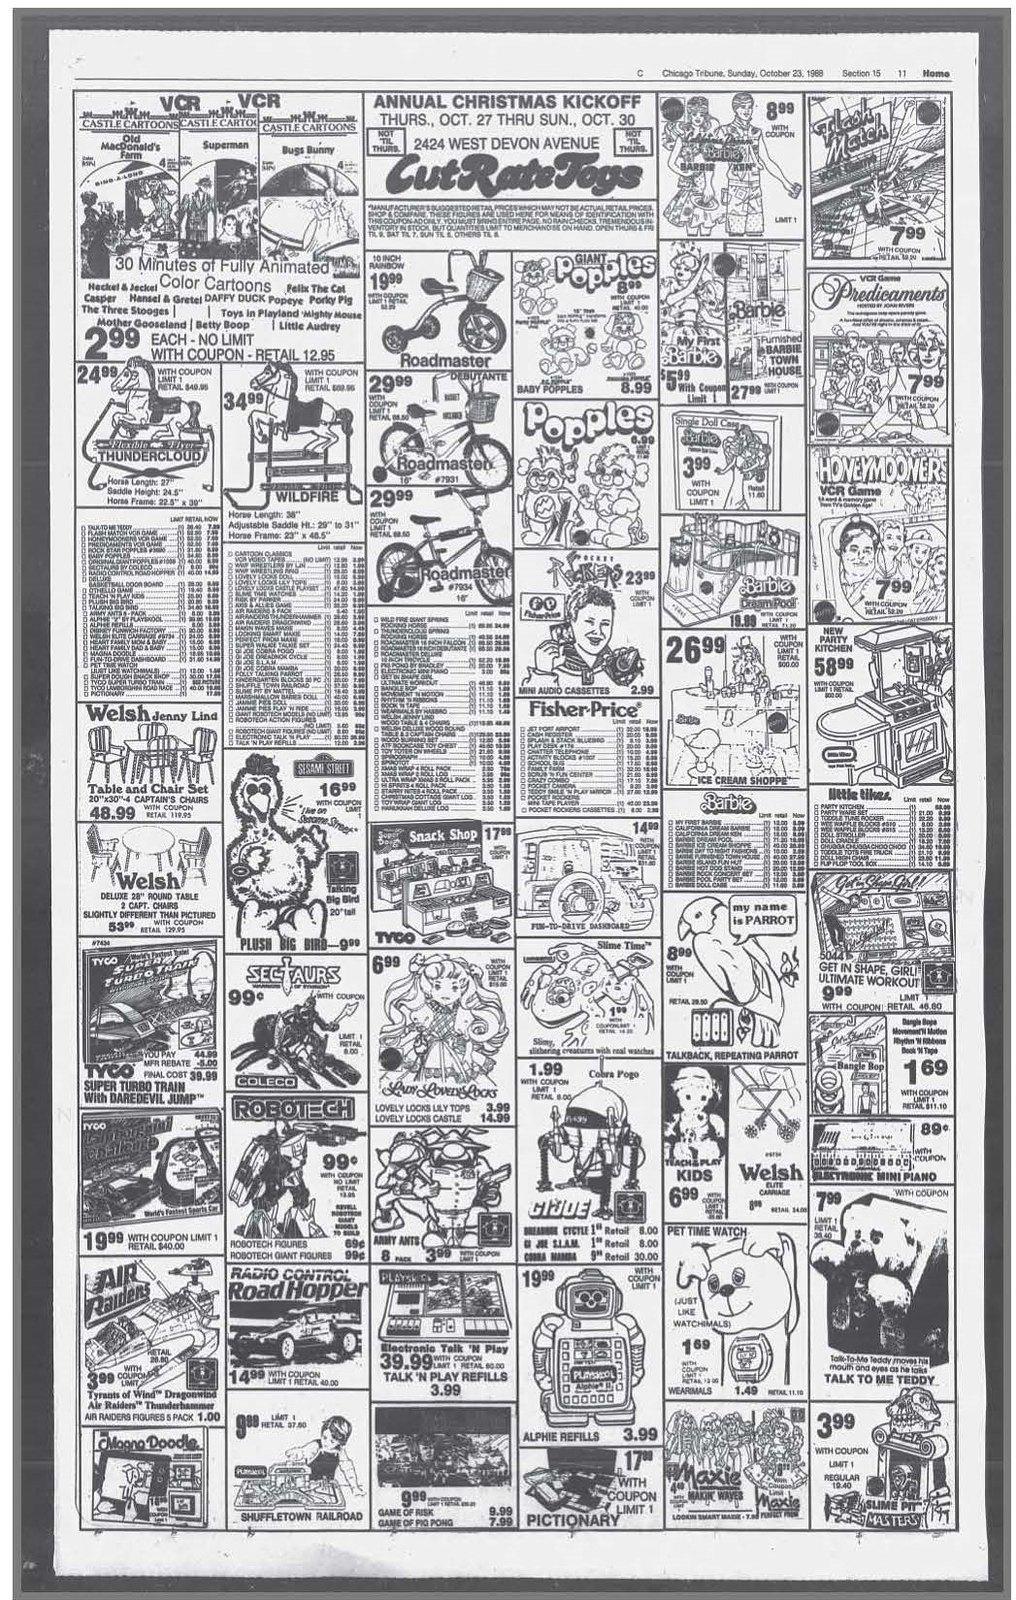 Chicago_Tribune_Sun__Oct_23__1988_